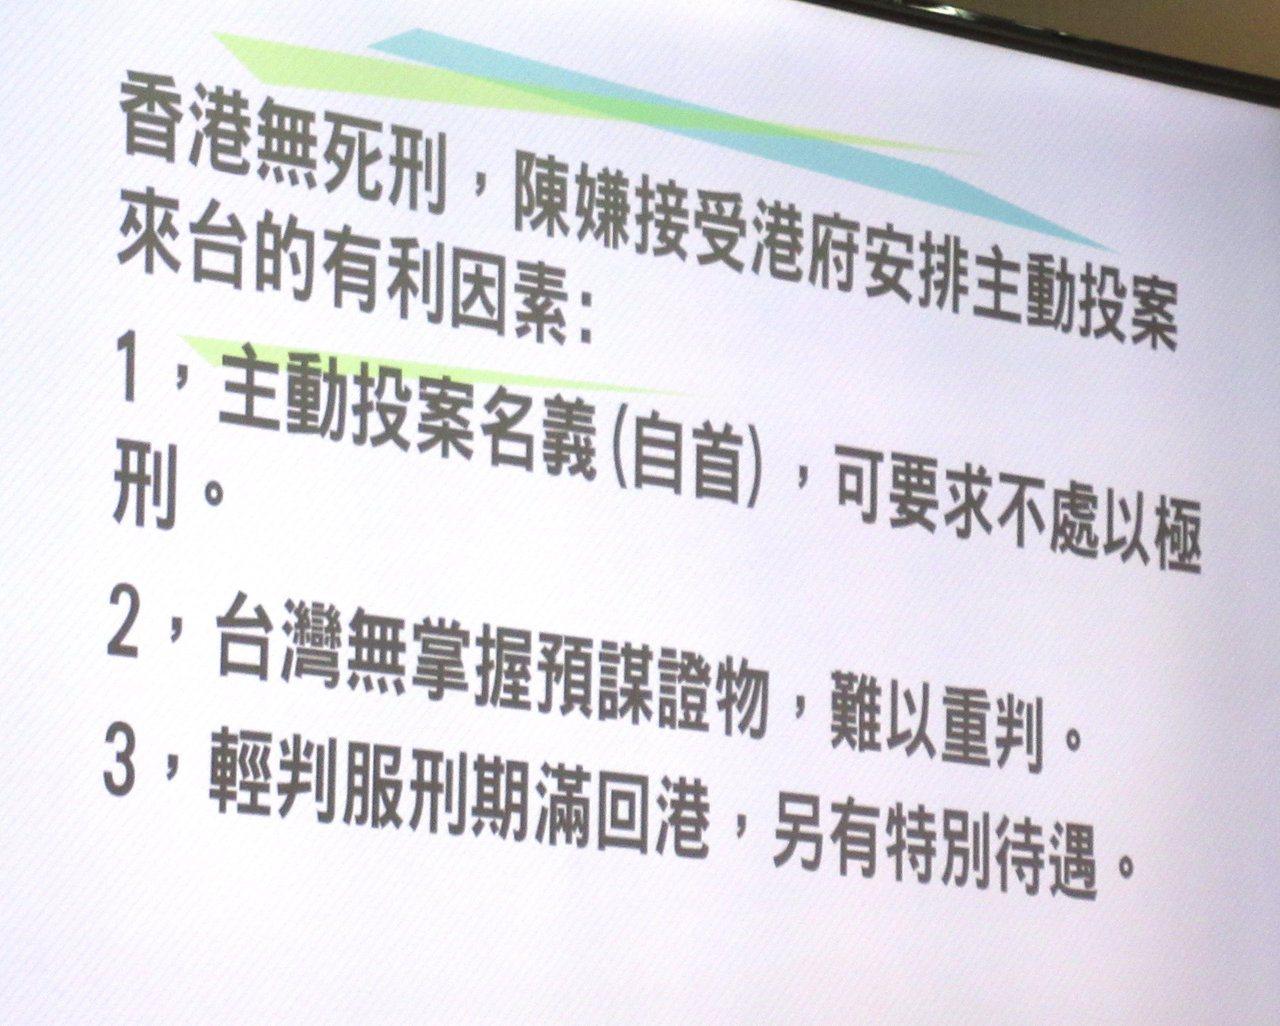 立委鄭運鵬提出3點質疑,認為香港要將陳同佳送來台灣「真是高招」。記者王宏舜/攝影